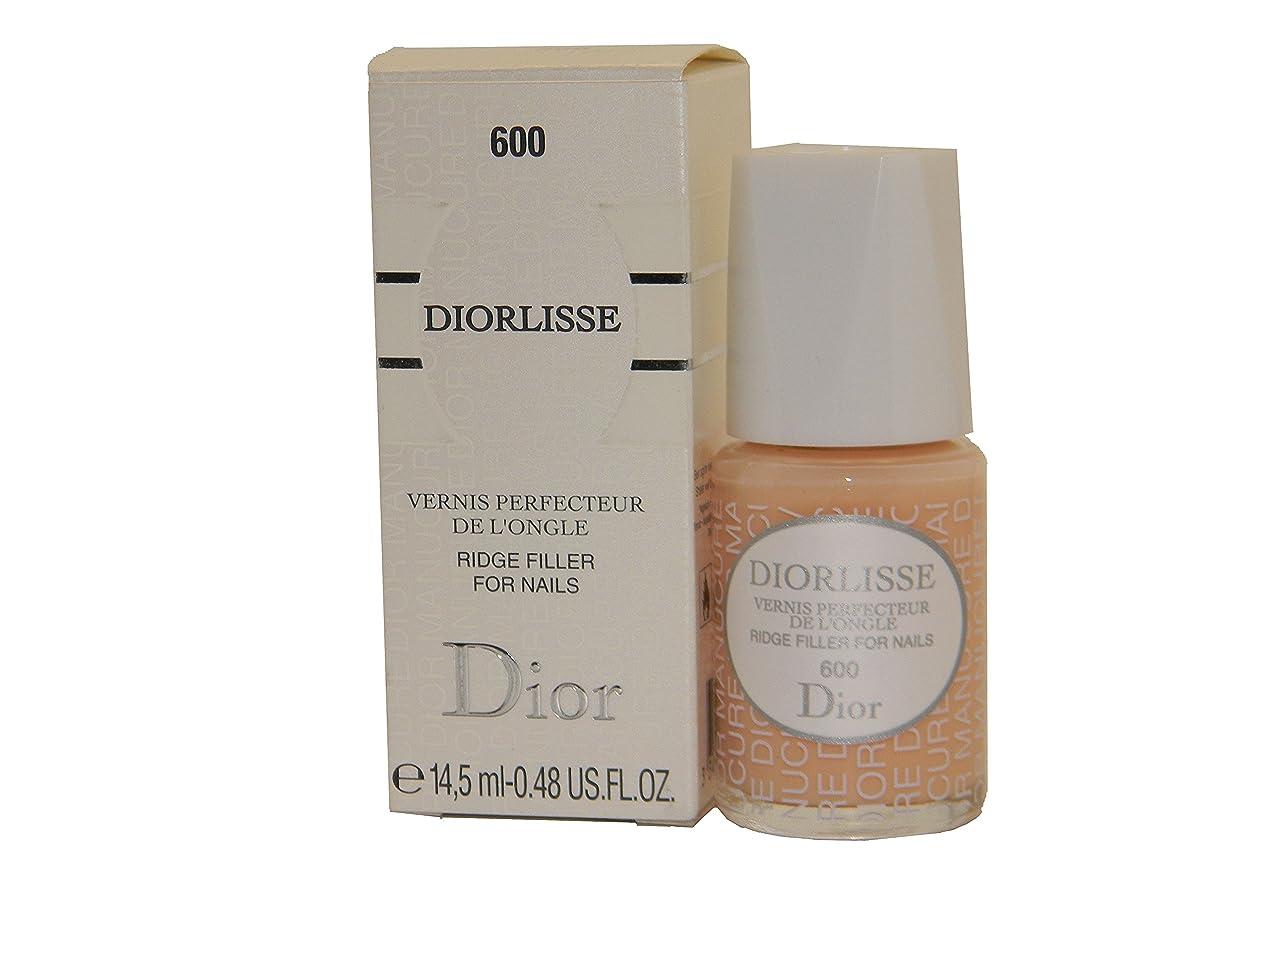 告白する帆床Dior Diorlisse Ridge Filler For Nail 600(ディオールリス リッジフィラー フォーネイル 600)[海外直送品] [並行輸入品]